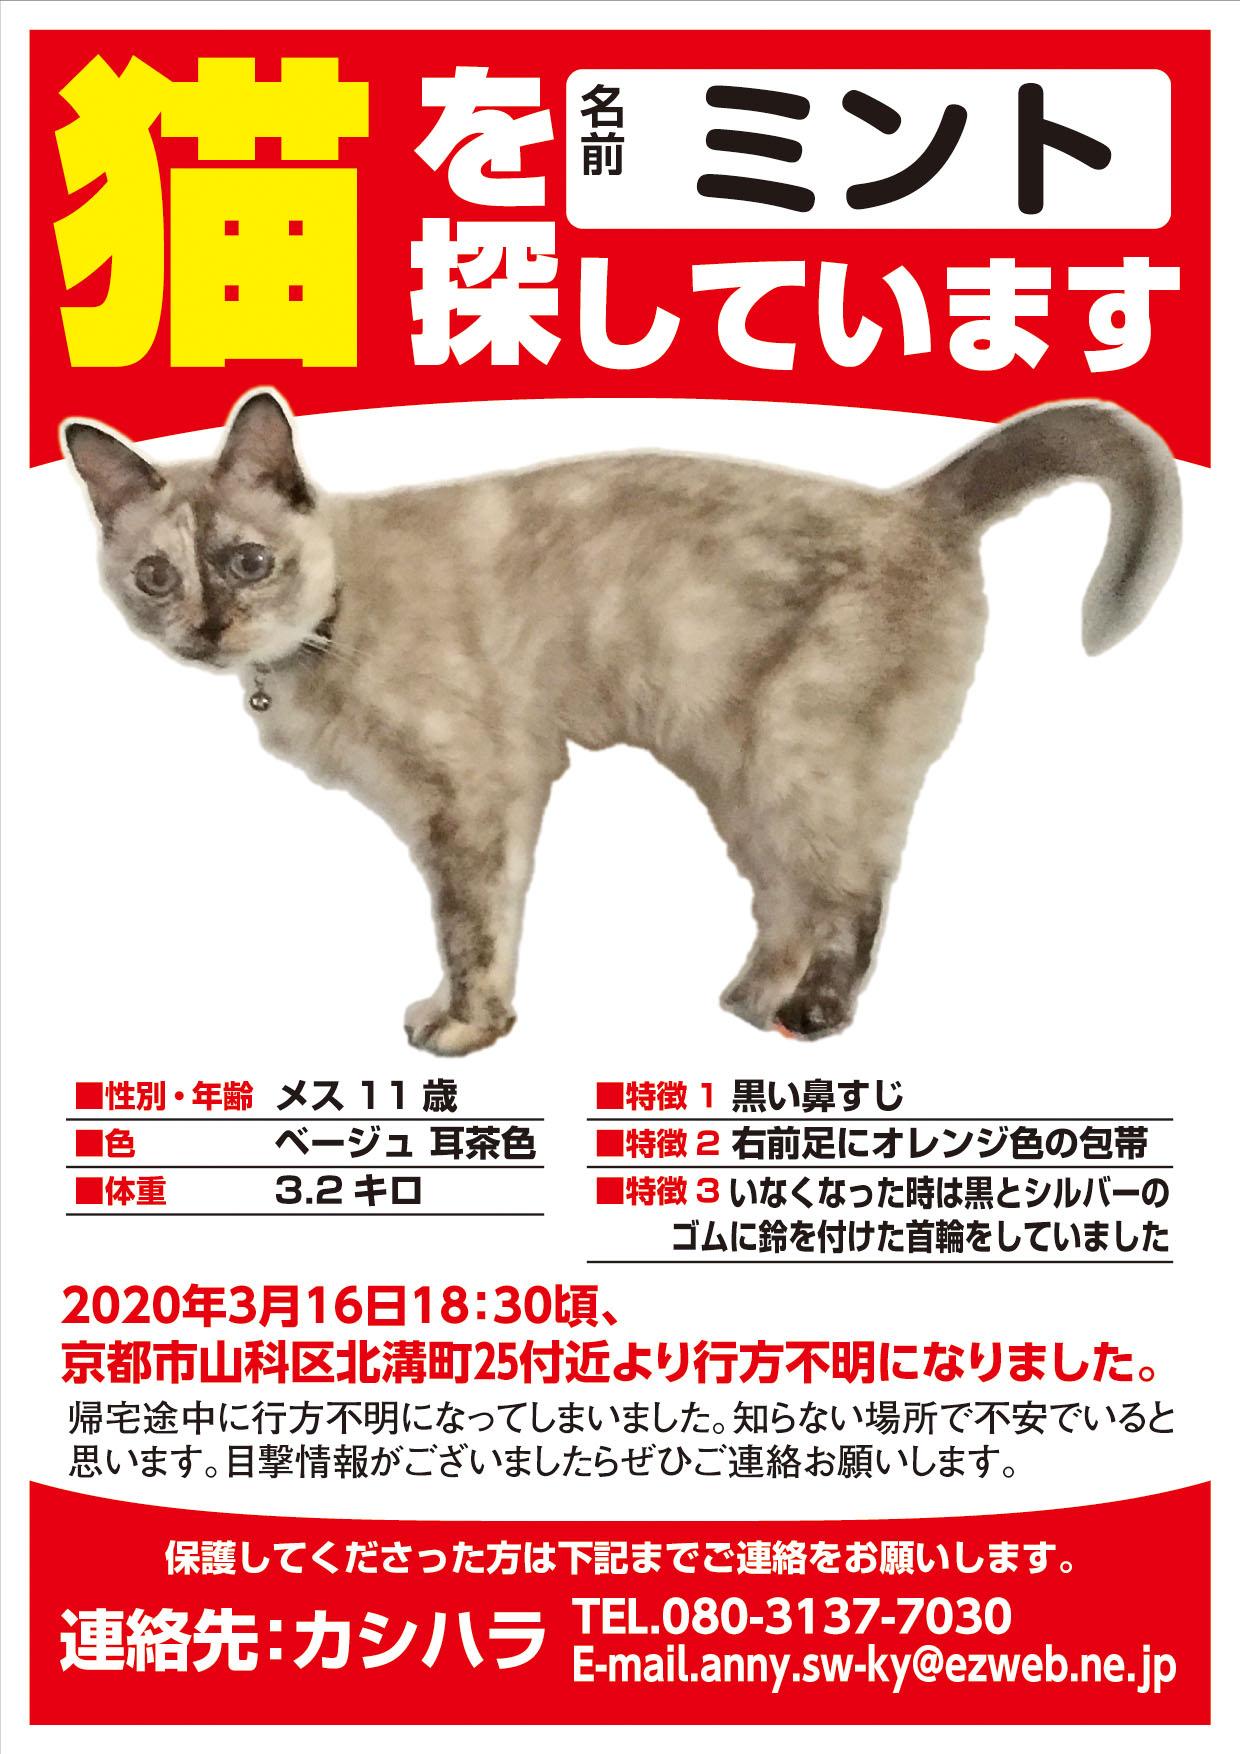 迷い猫 ミントちゃん